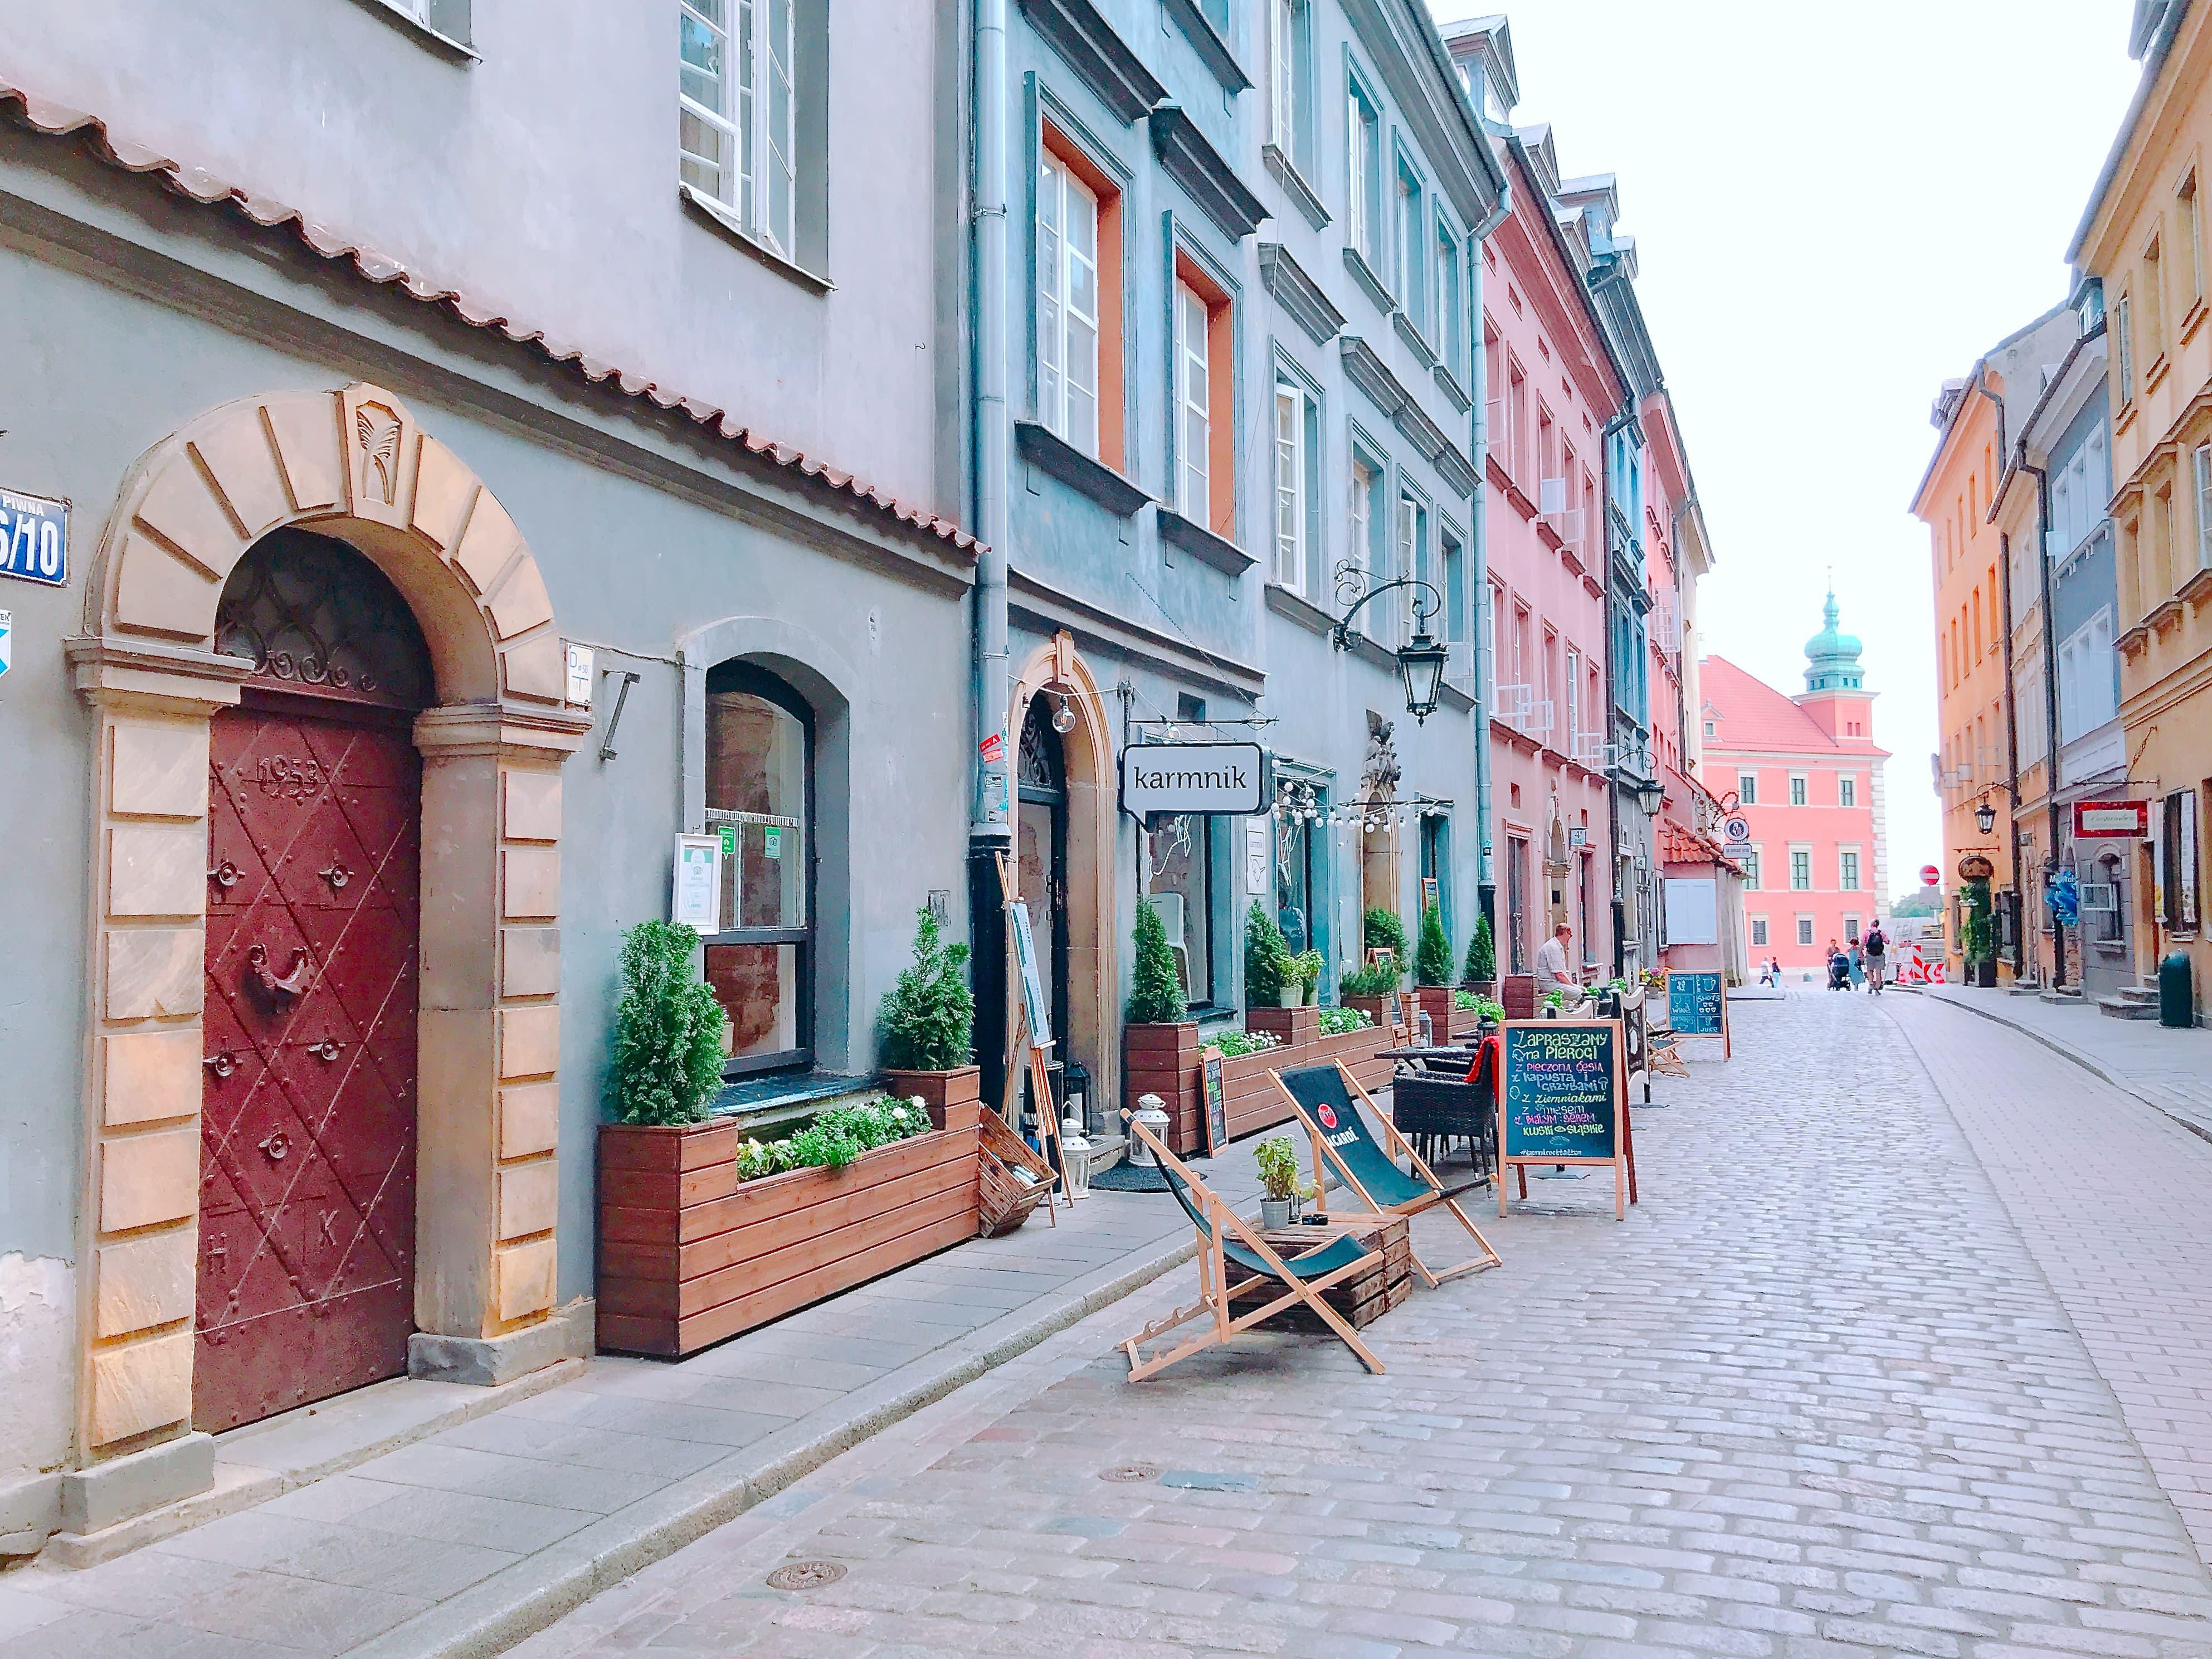 ポーランド ワルシャワのPiwna通り